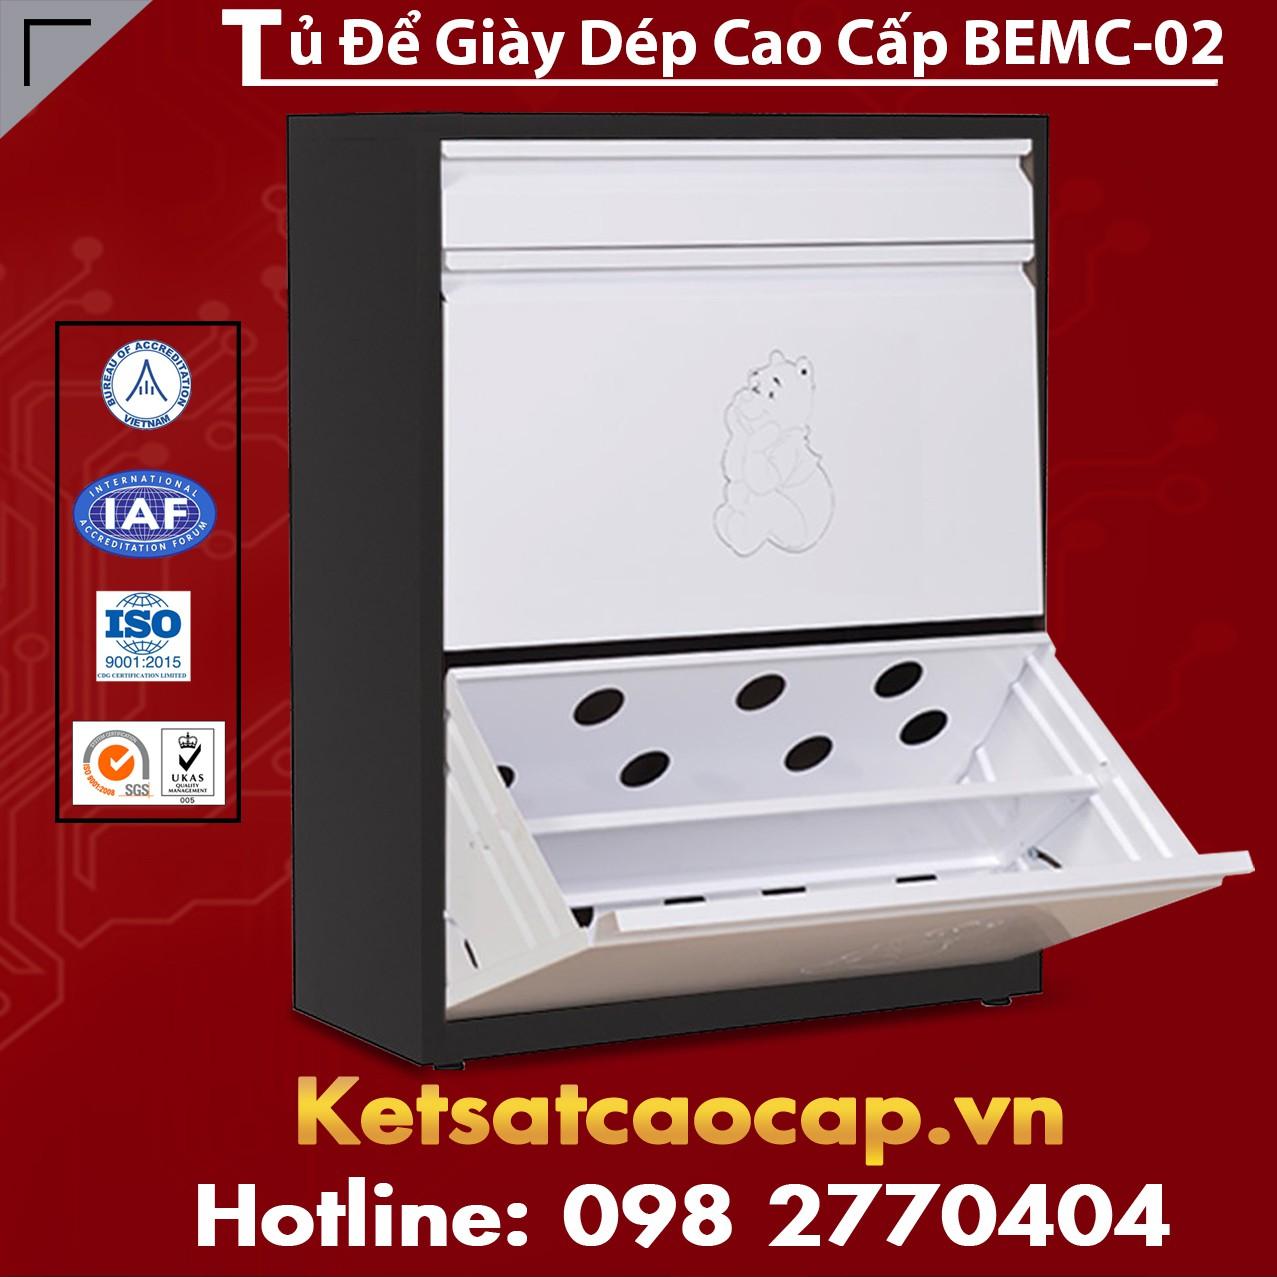 Tủ Để Giày Dép Cao Cấp BEMC-02